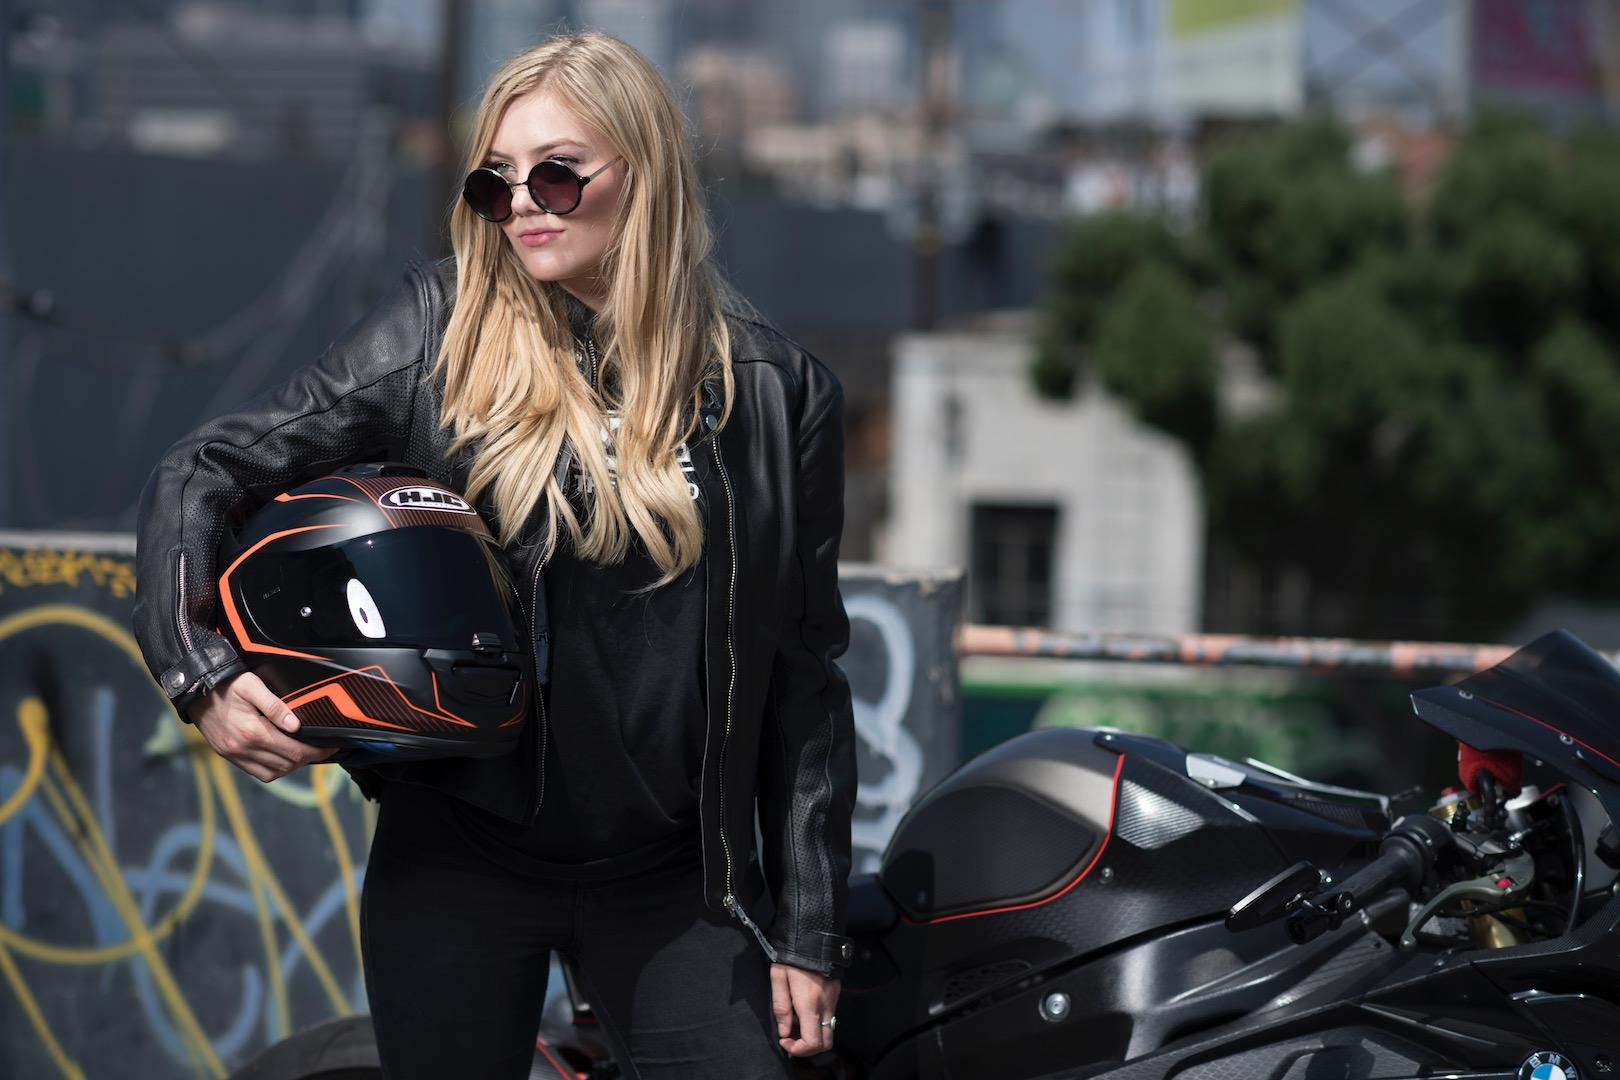 The 10 Best Motorcycle Helmets of 2017 | Digital Trends